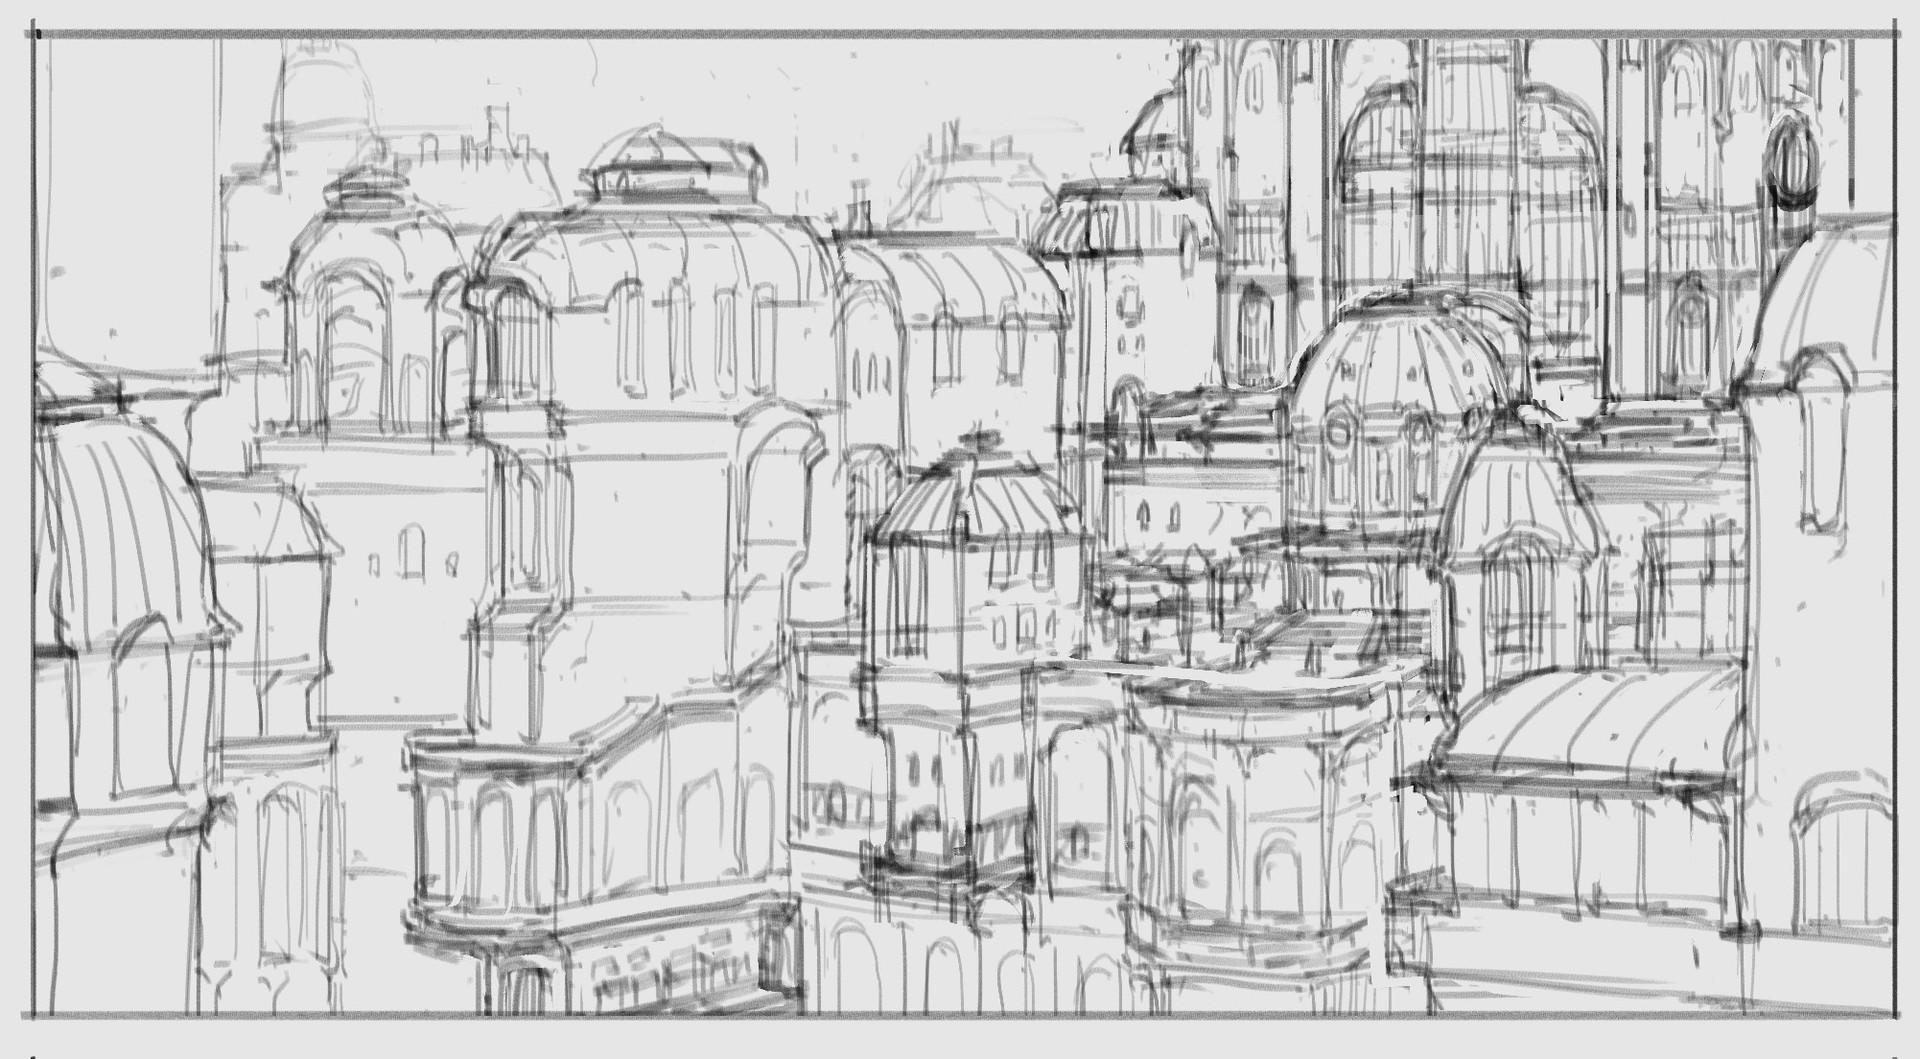 Dominic chan env fantasy sketches01a sketch